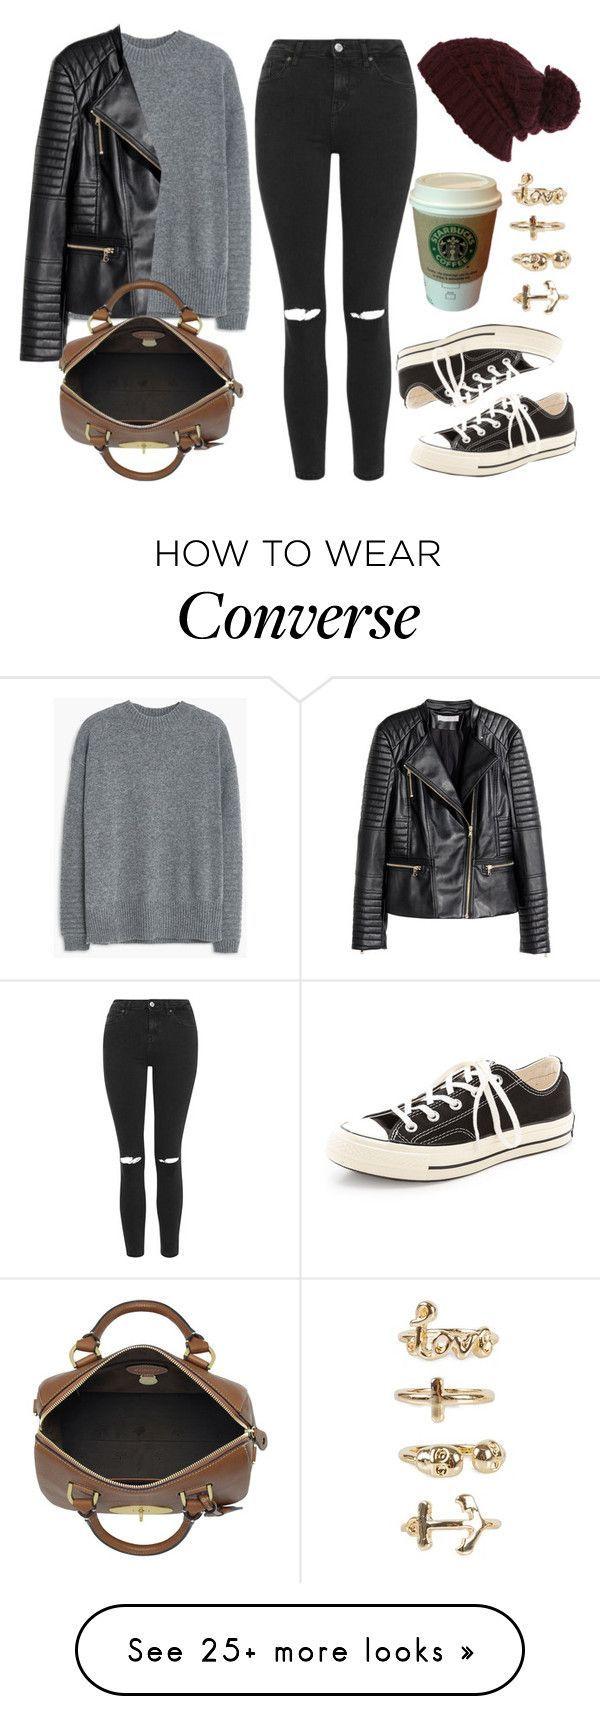 Niedlich Converse Schuhe Malvorlagen Bilder - Entry Level Resume ...